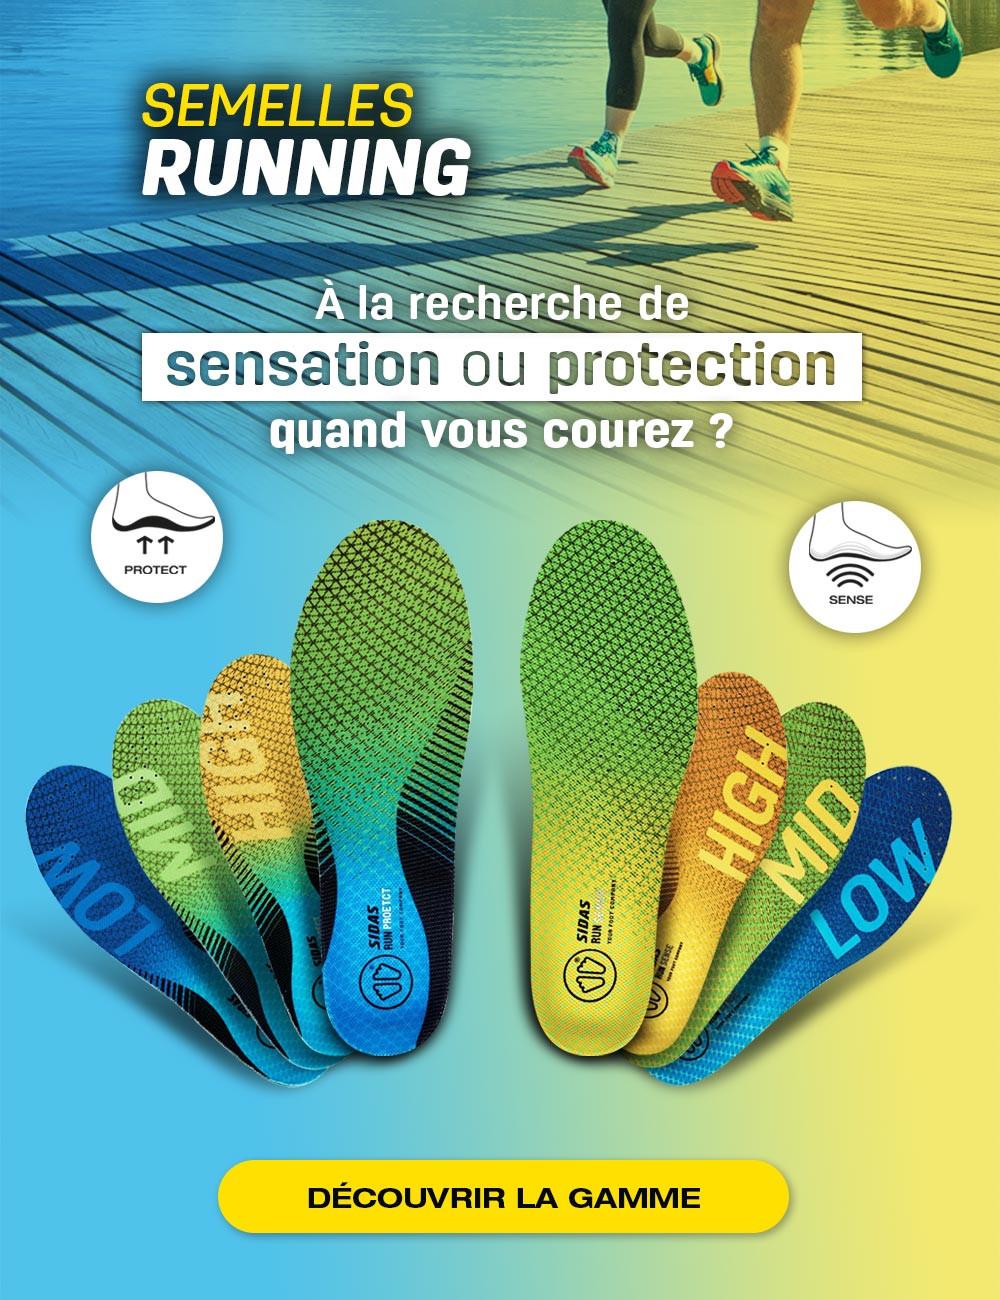 Êtes-vous à la recherche de sensation ou protection quand vous courez ? Découvrez votre semelle adaptée